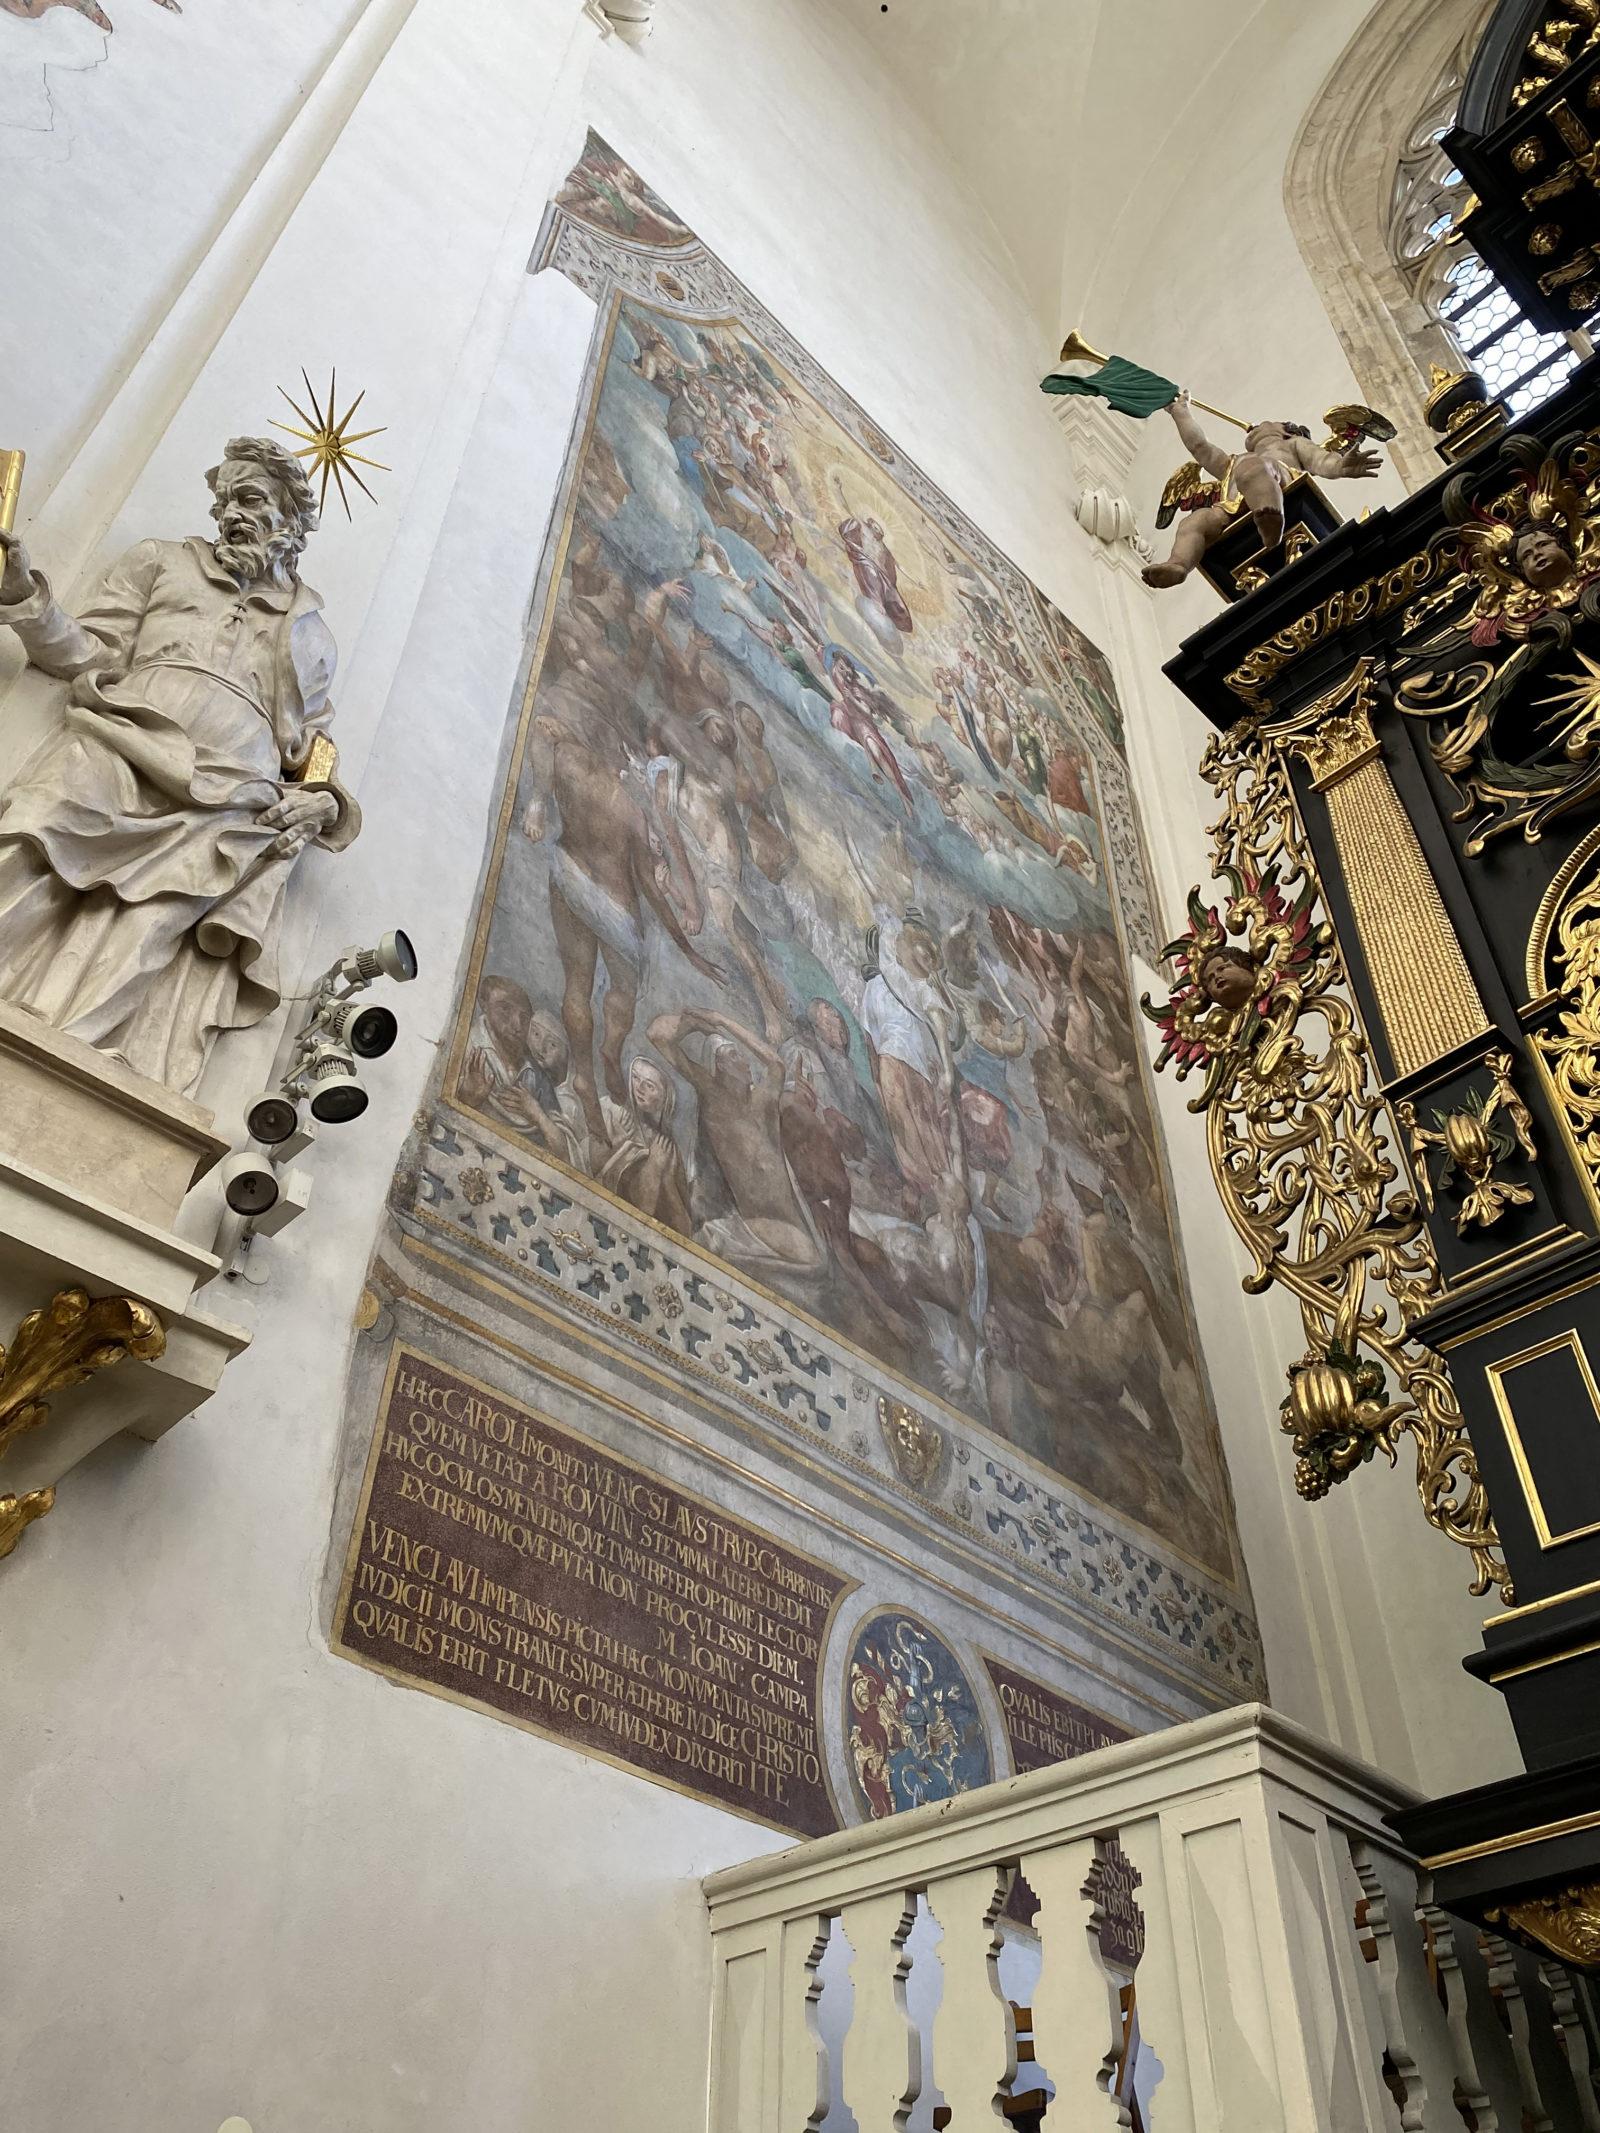 Ferdinad z Eysern a Jan Jindrovský, Poslední soud, 1604, nástěnná malba v chrámu Matky Boží před Týnem